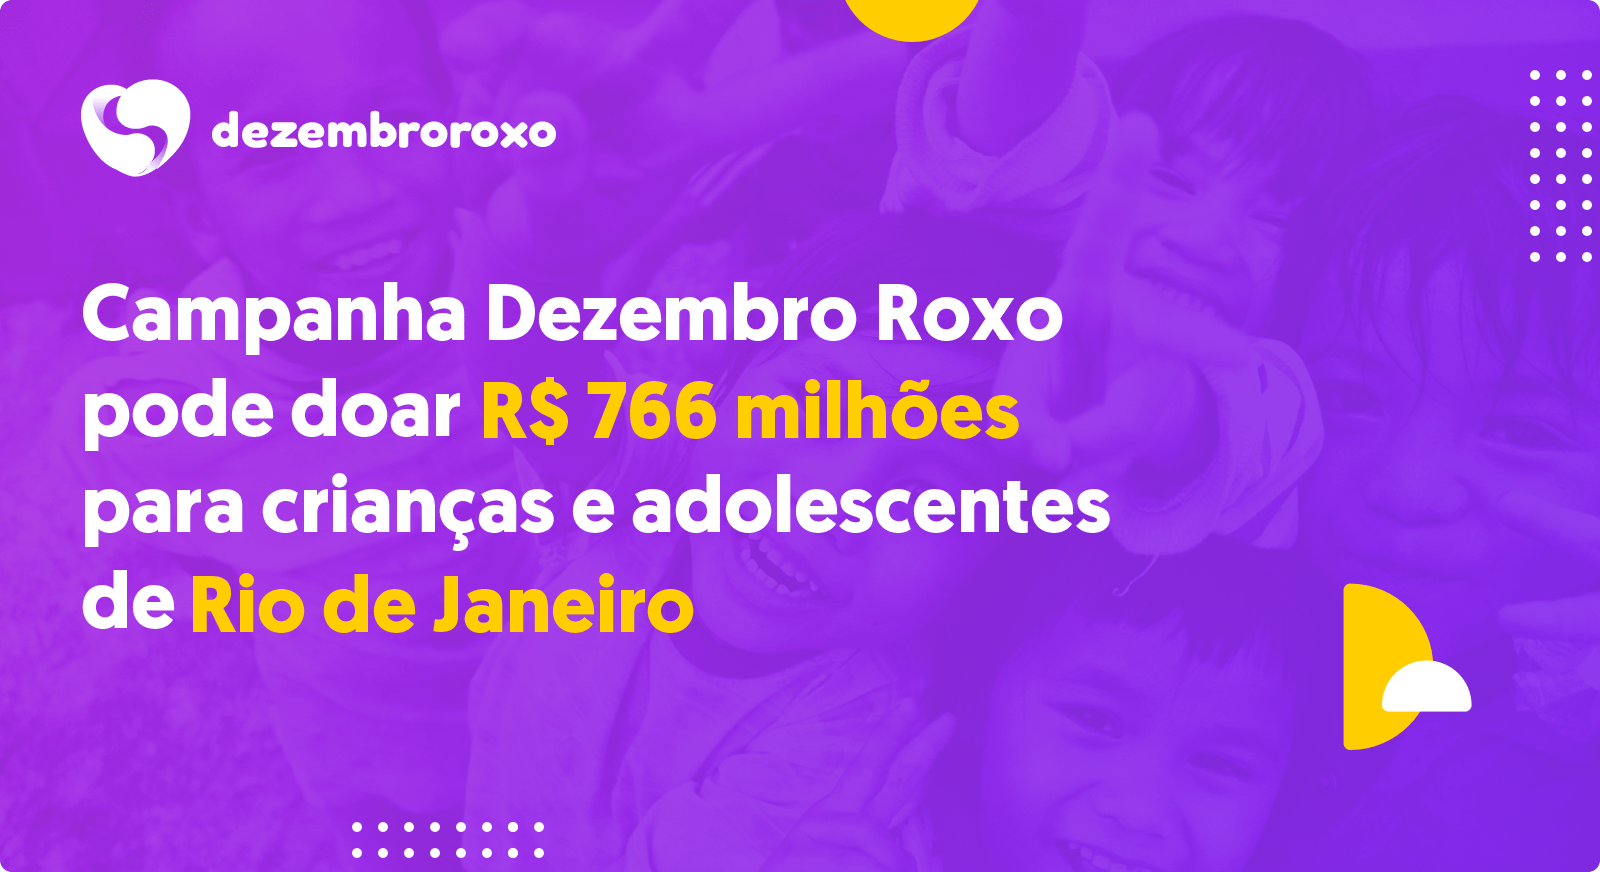 Doações em Rio de Janeiro - RJ